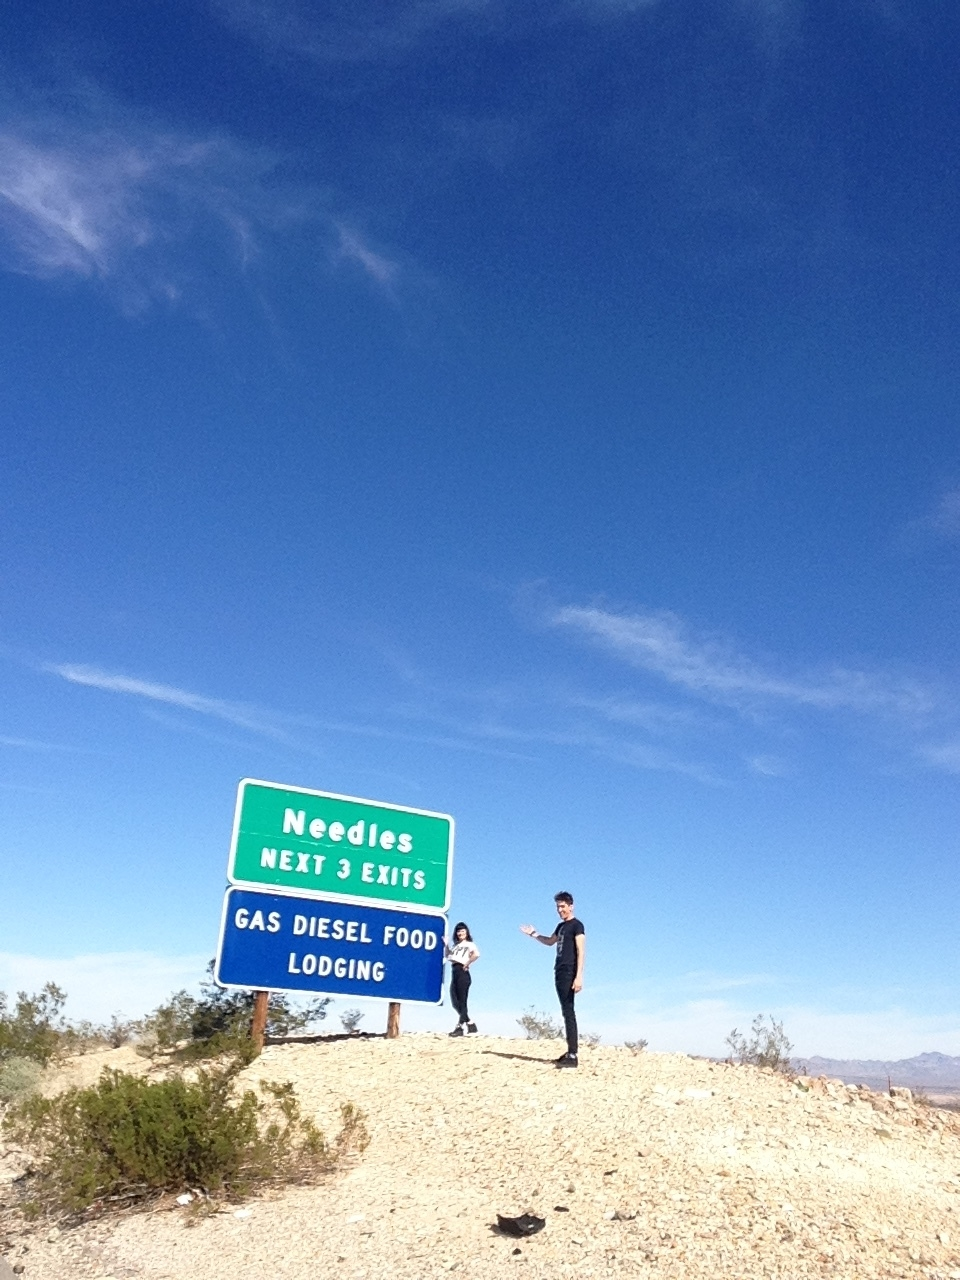 Needles, CA